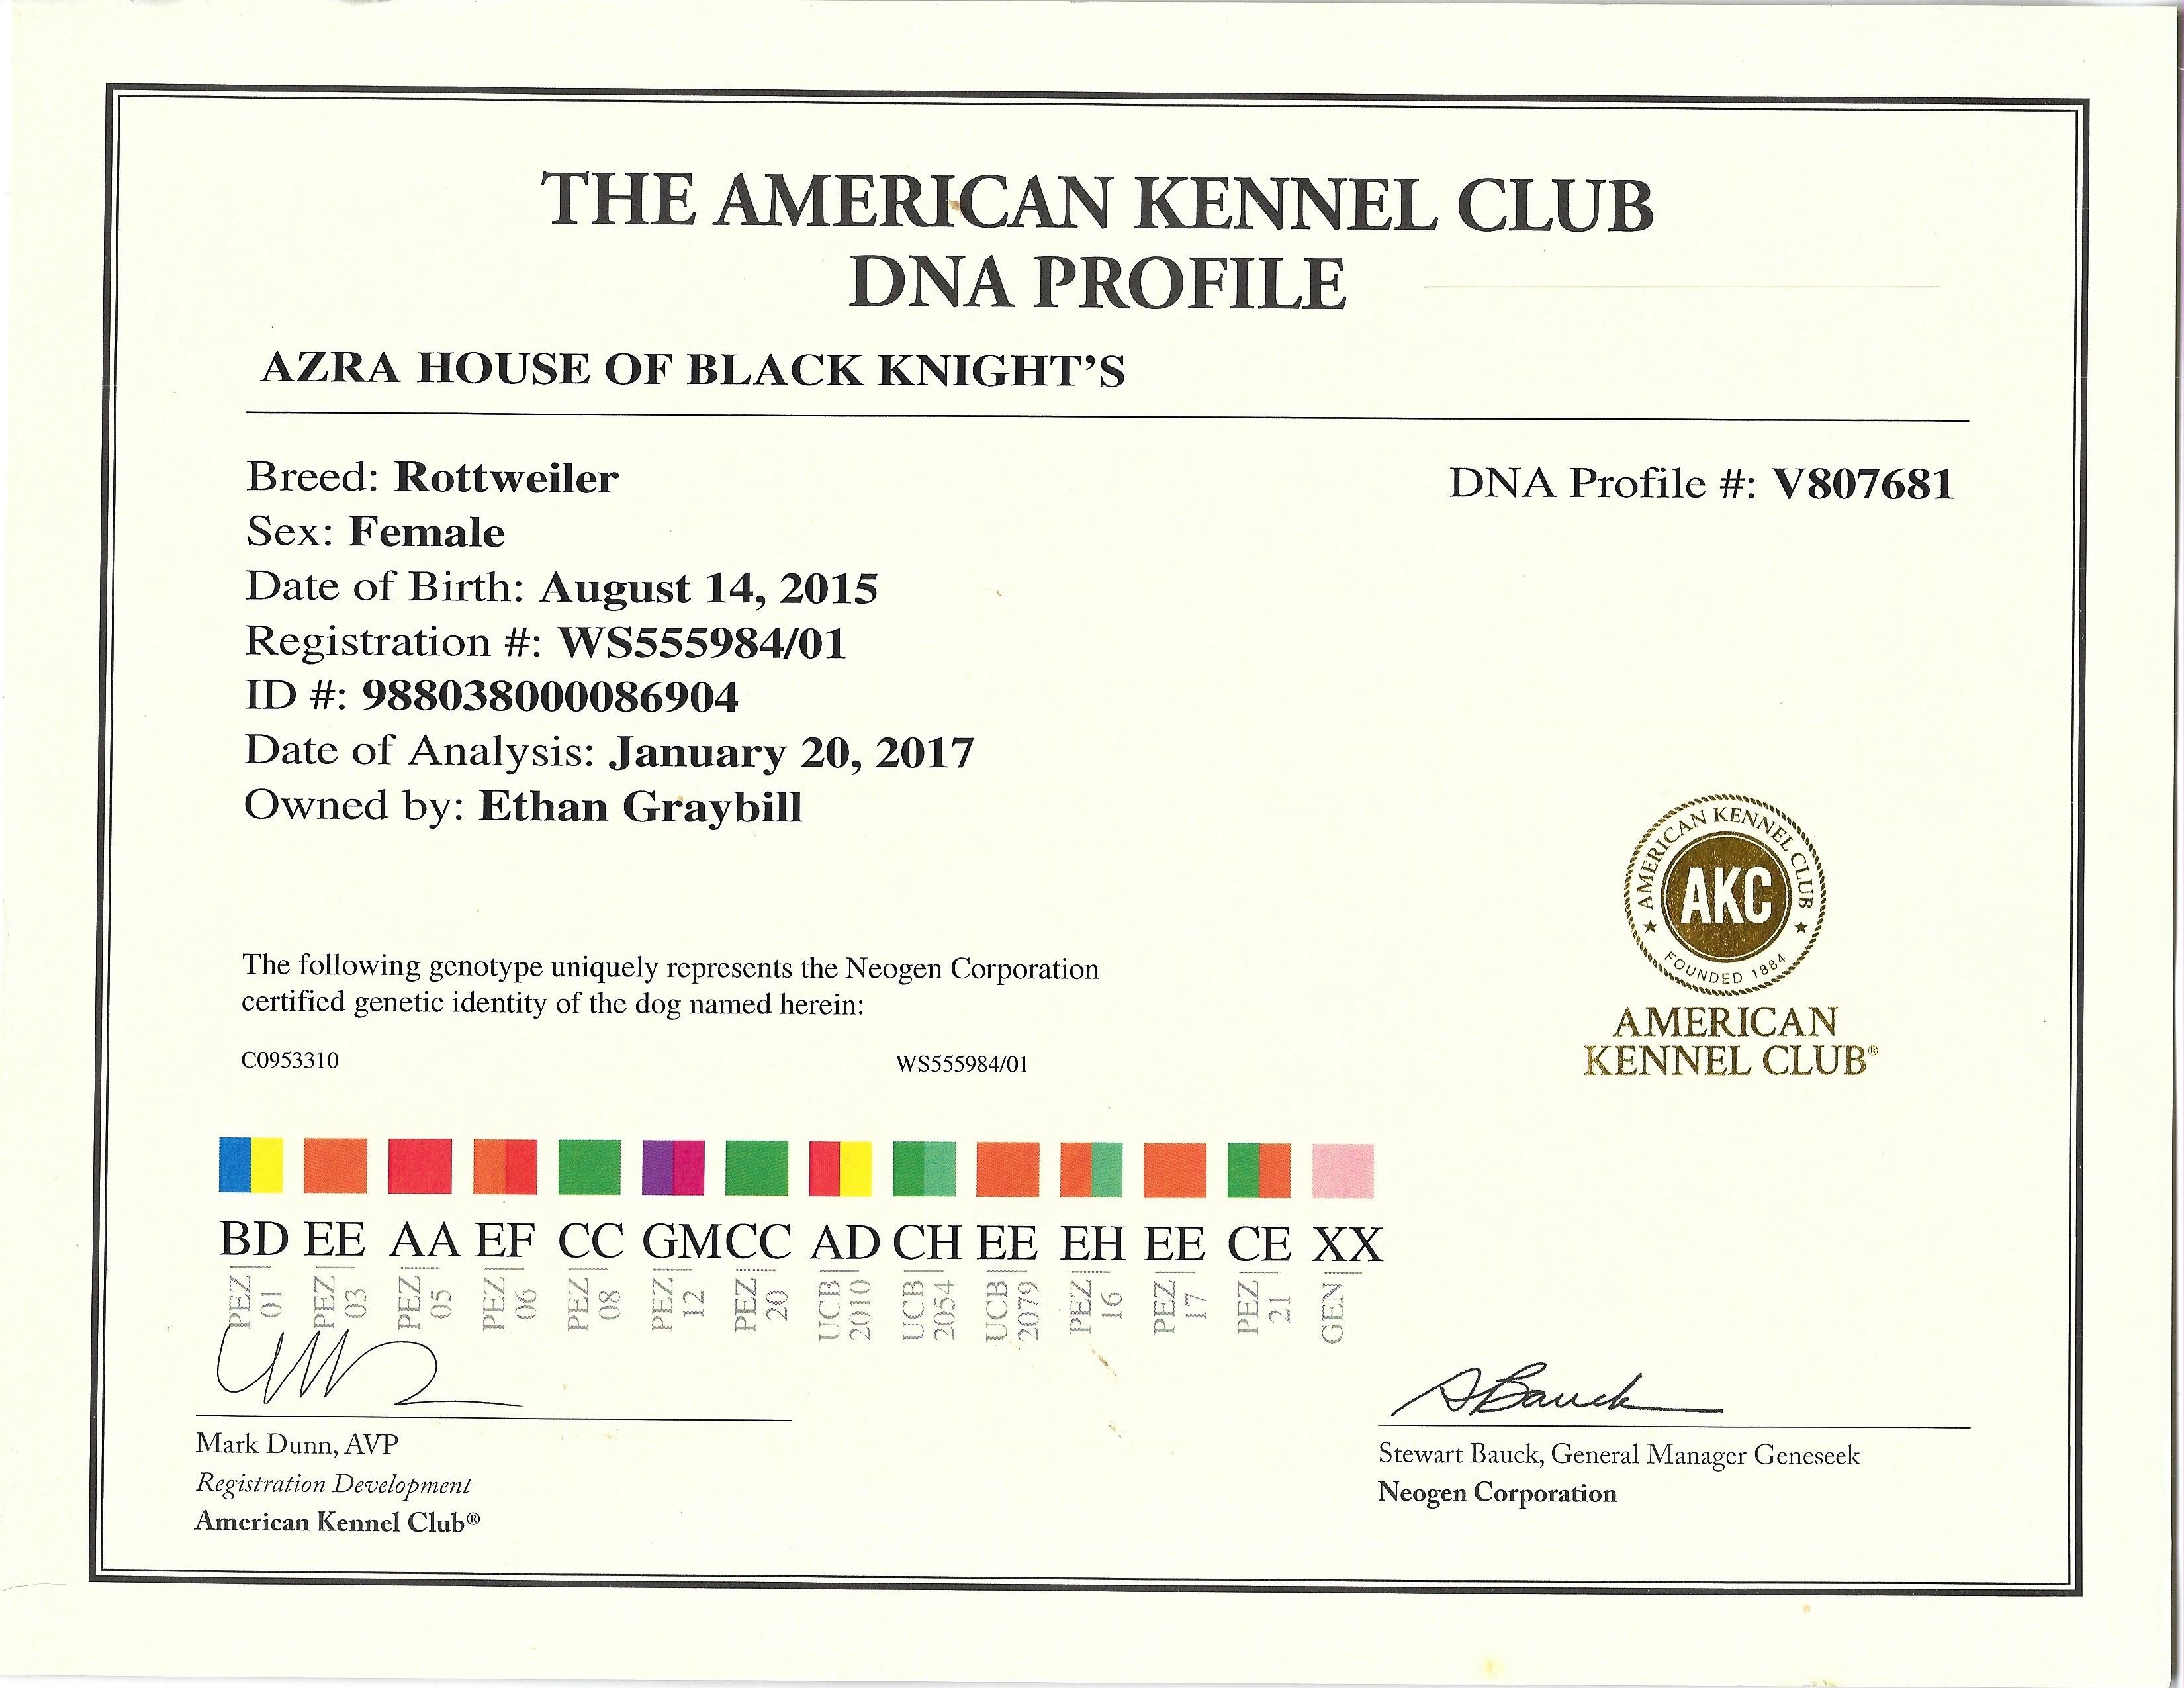 Azra DNA Profile # V807681